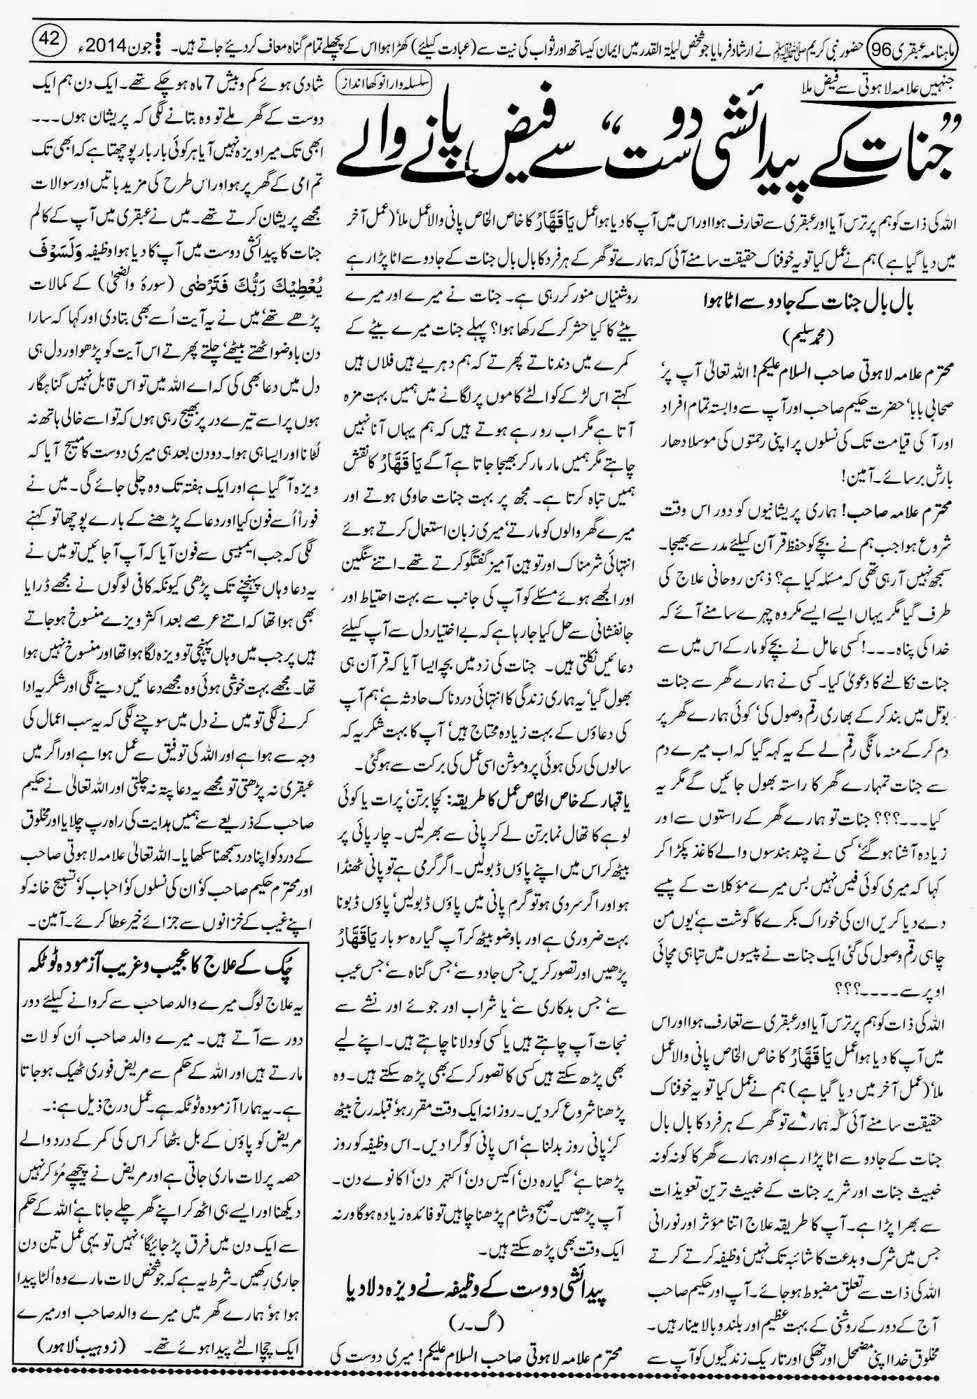 ubqari june 2014 page 42